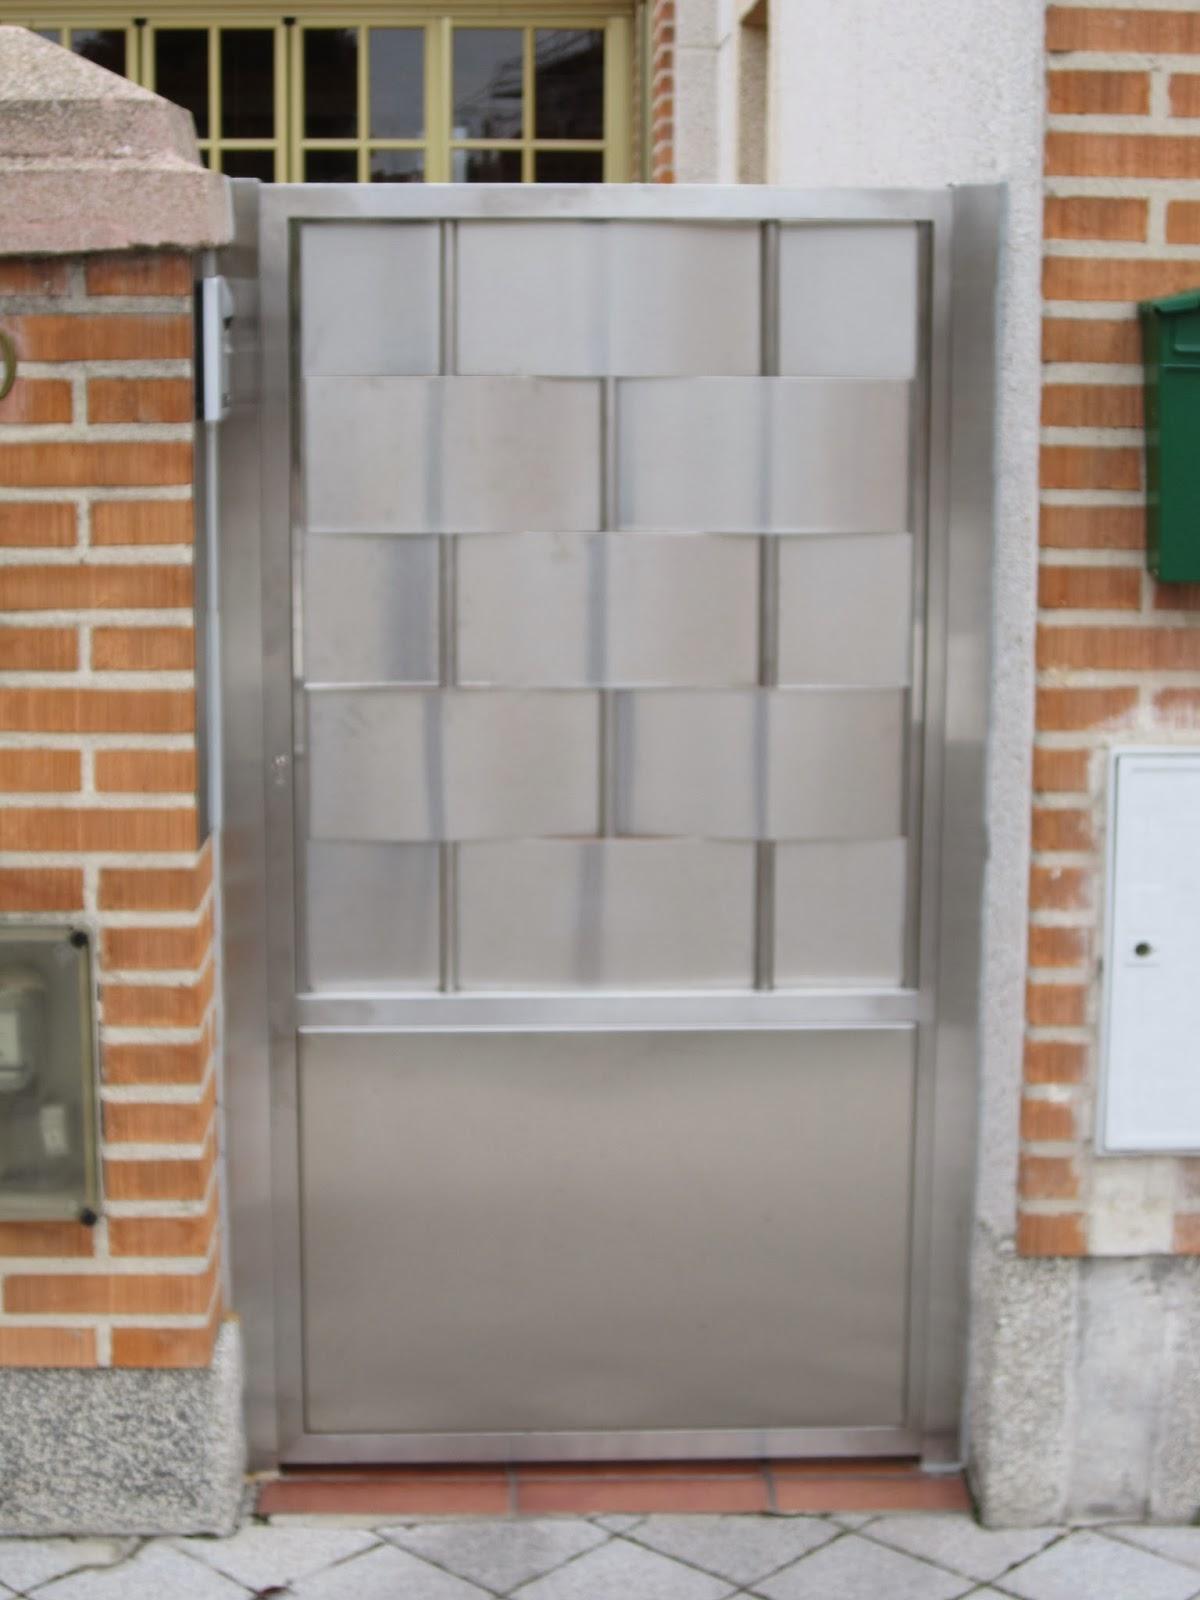 Norbel carpinteria met lica y acero inoxidable puerta y - Puerta de chapa ...